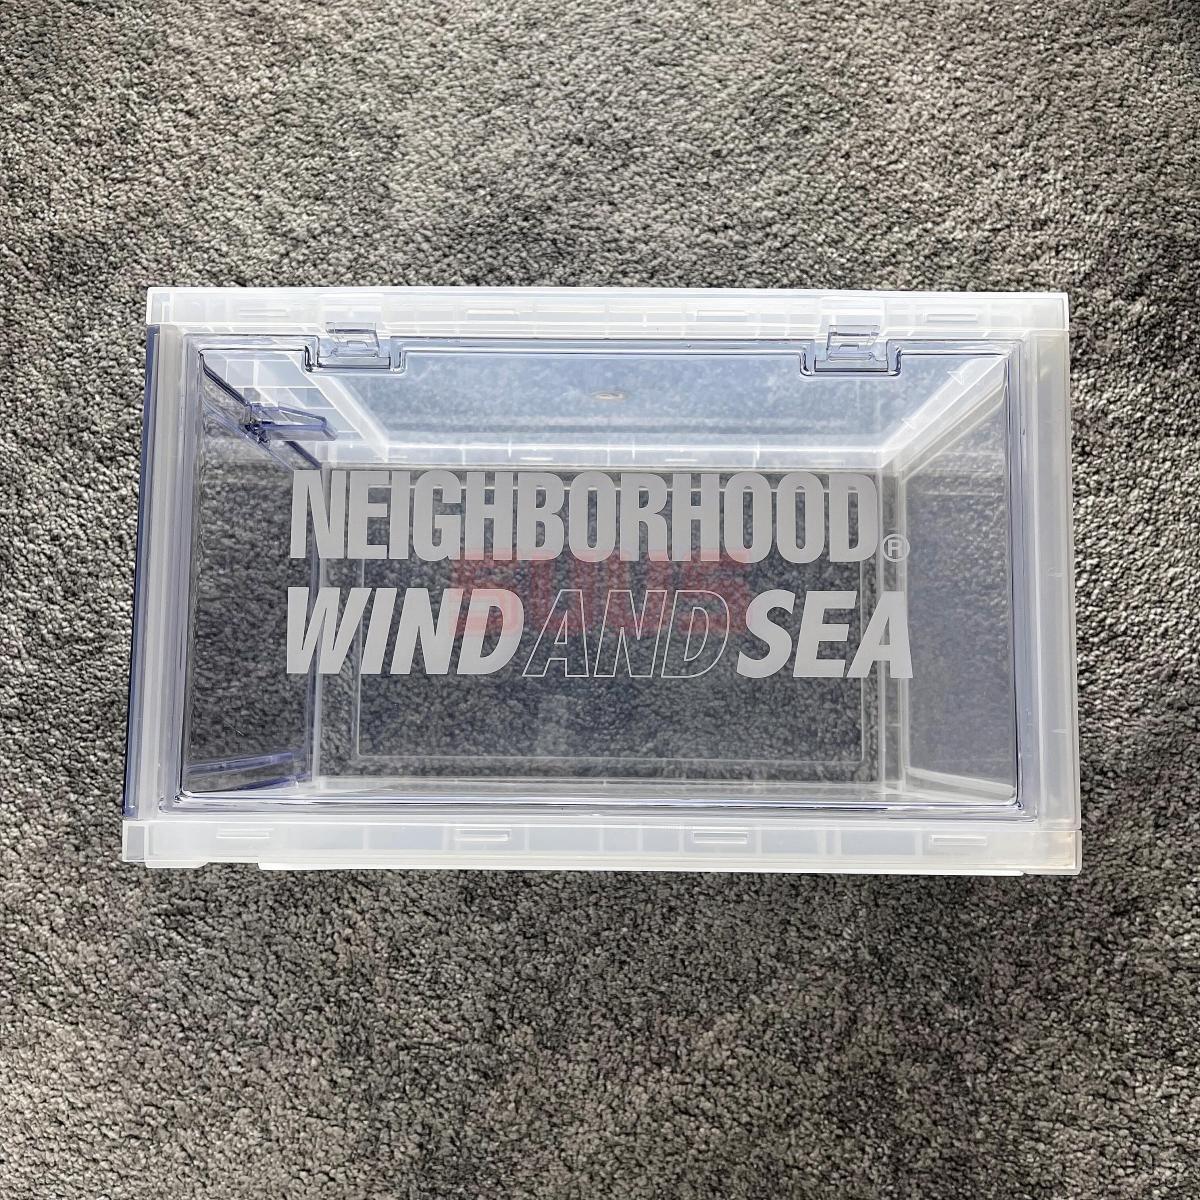 杭州现货 NEIGHBORHOOD Wind And Sea联名透明收纳鞋盒 21SS